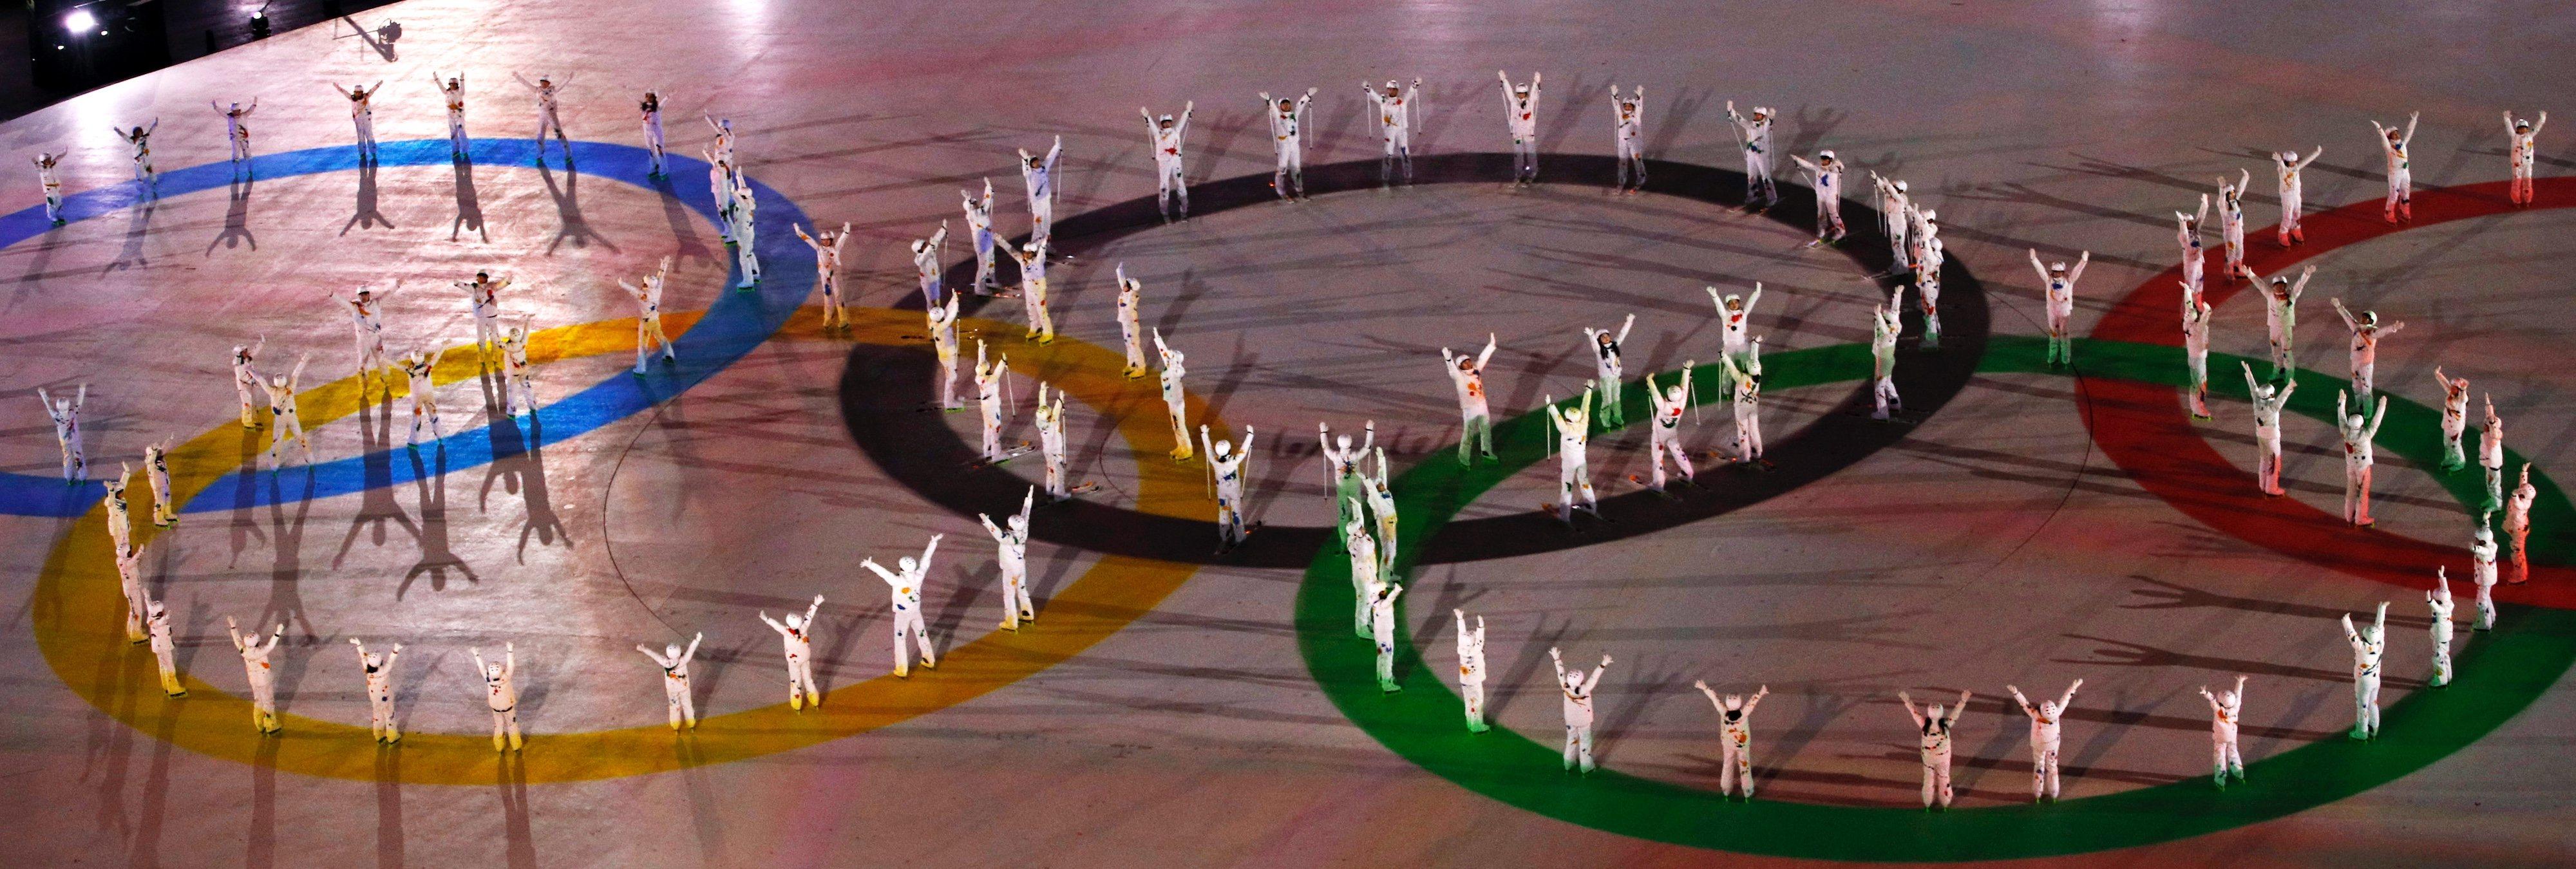 Martínez-Almeida quiere recuperar el sueño olímpico para Madrid en 2032